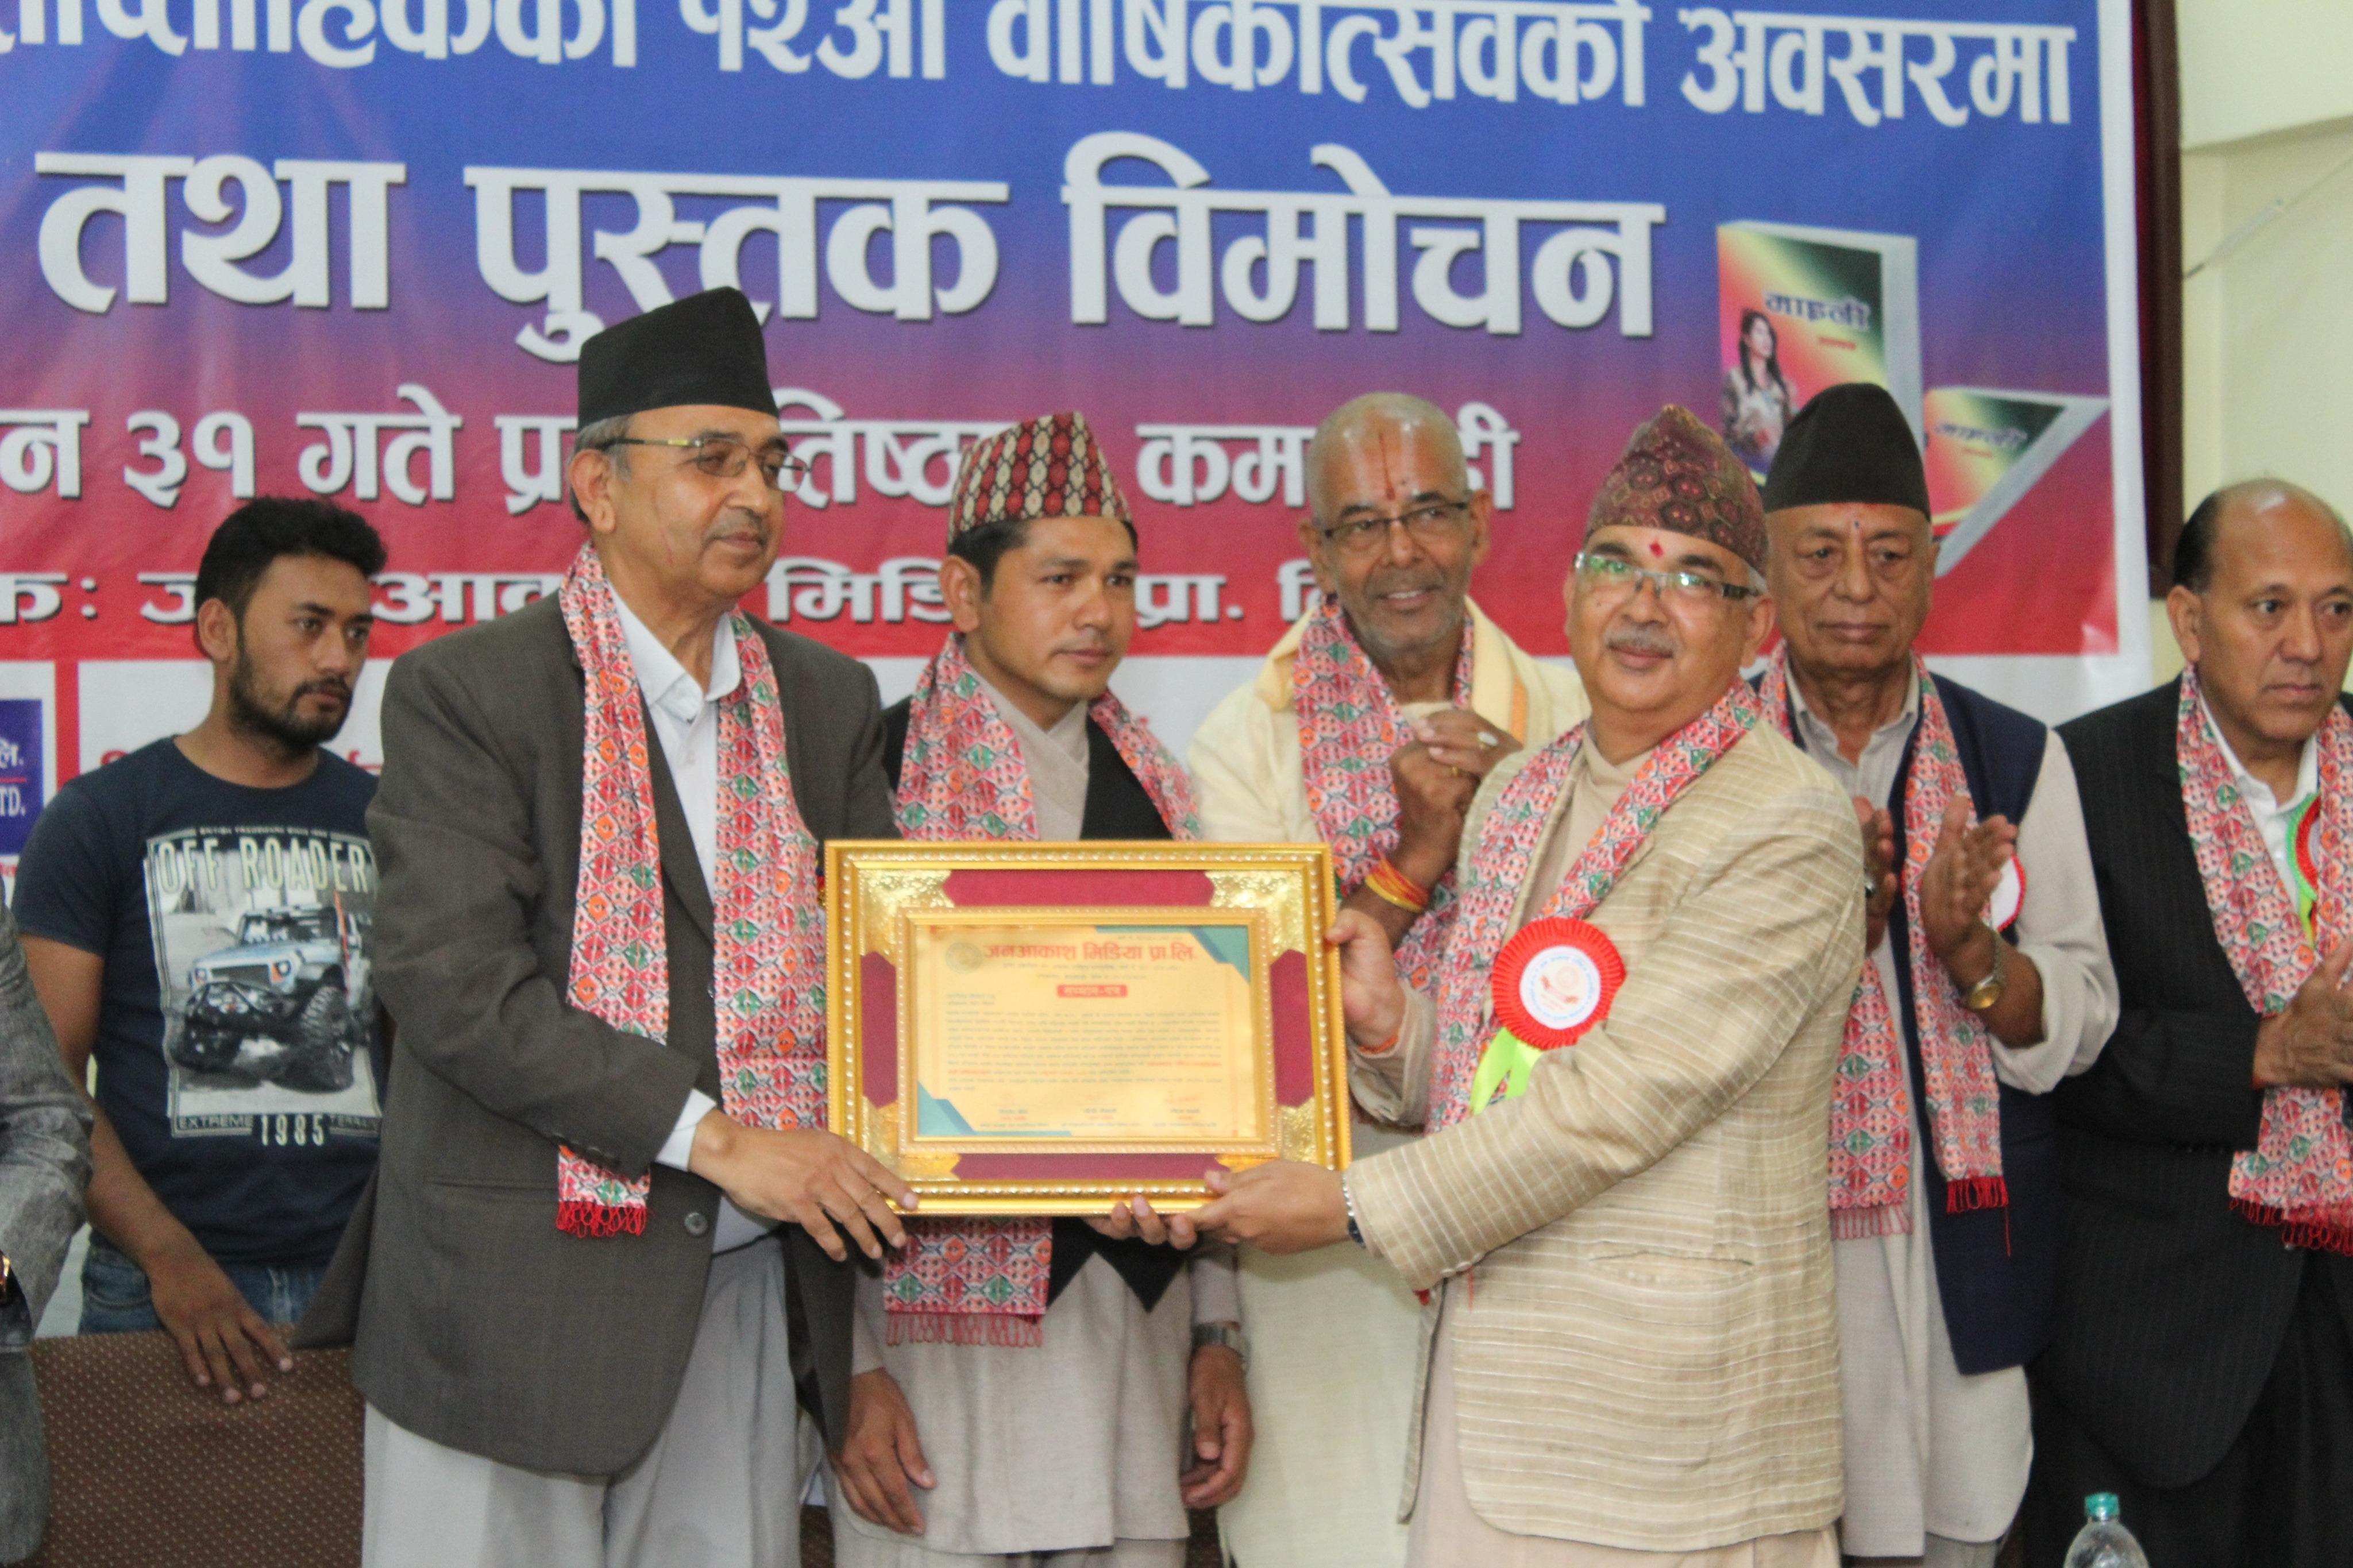 ग्रेटर नेपाल अभियन्तालाई जनआकाश सम्मान